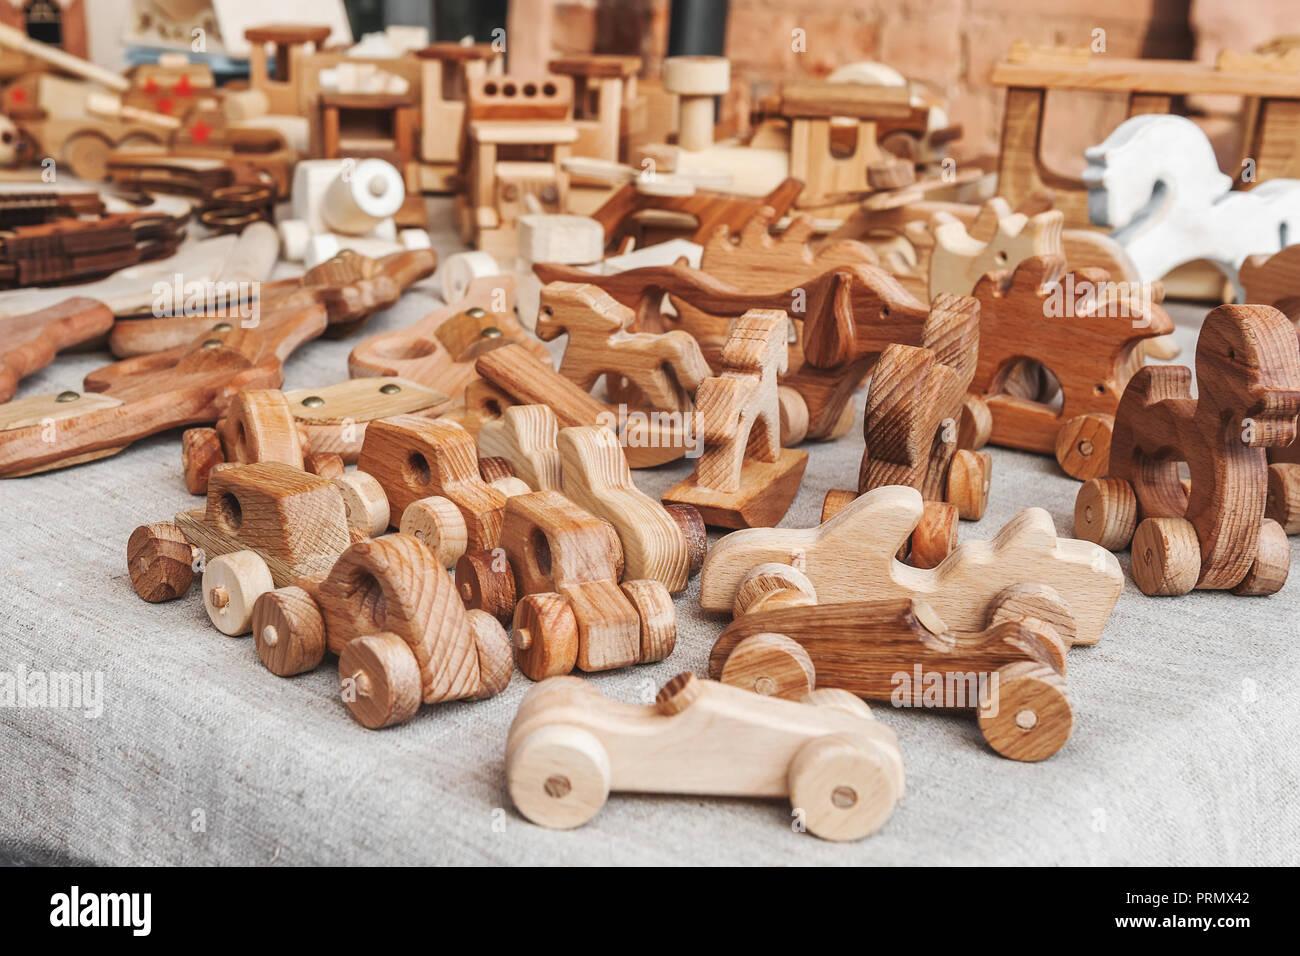 Trabajos Manuales Con Madera Informacin Amazing Cheap Fabulous - Trabajos-manuales-en-madera